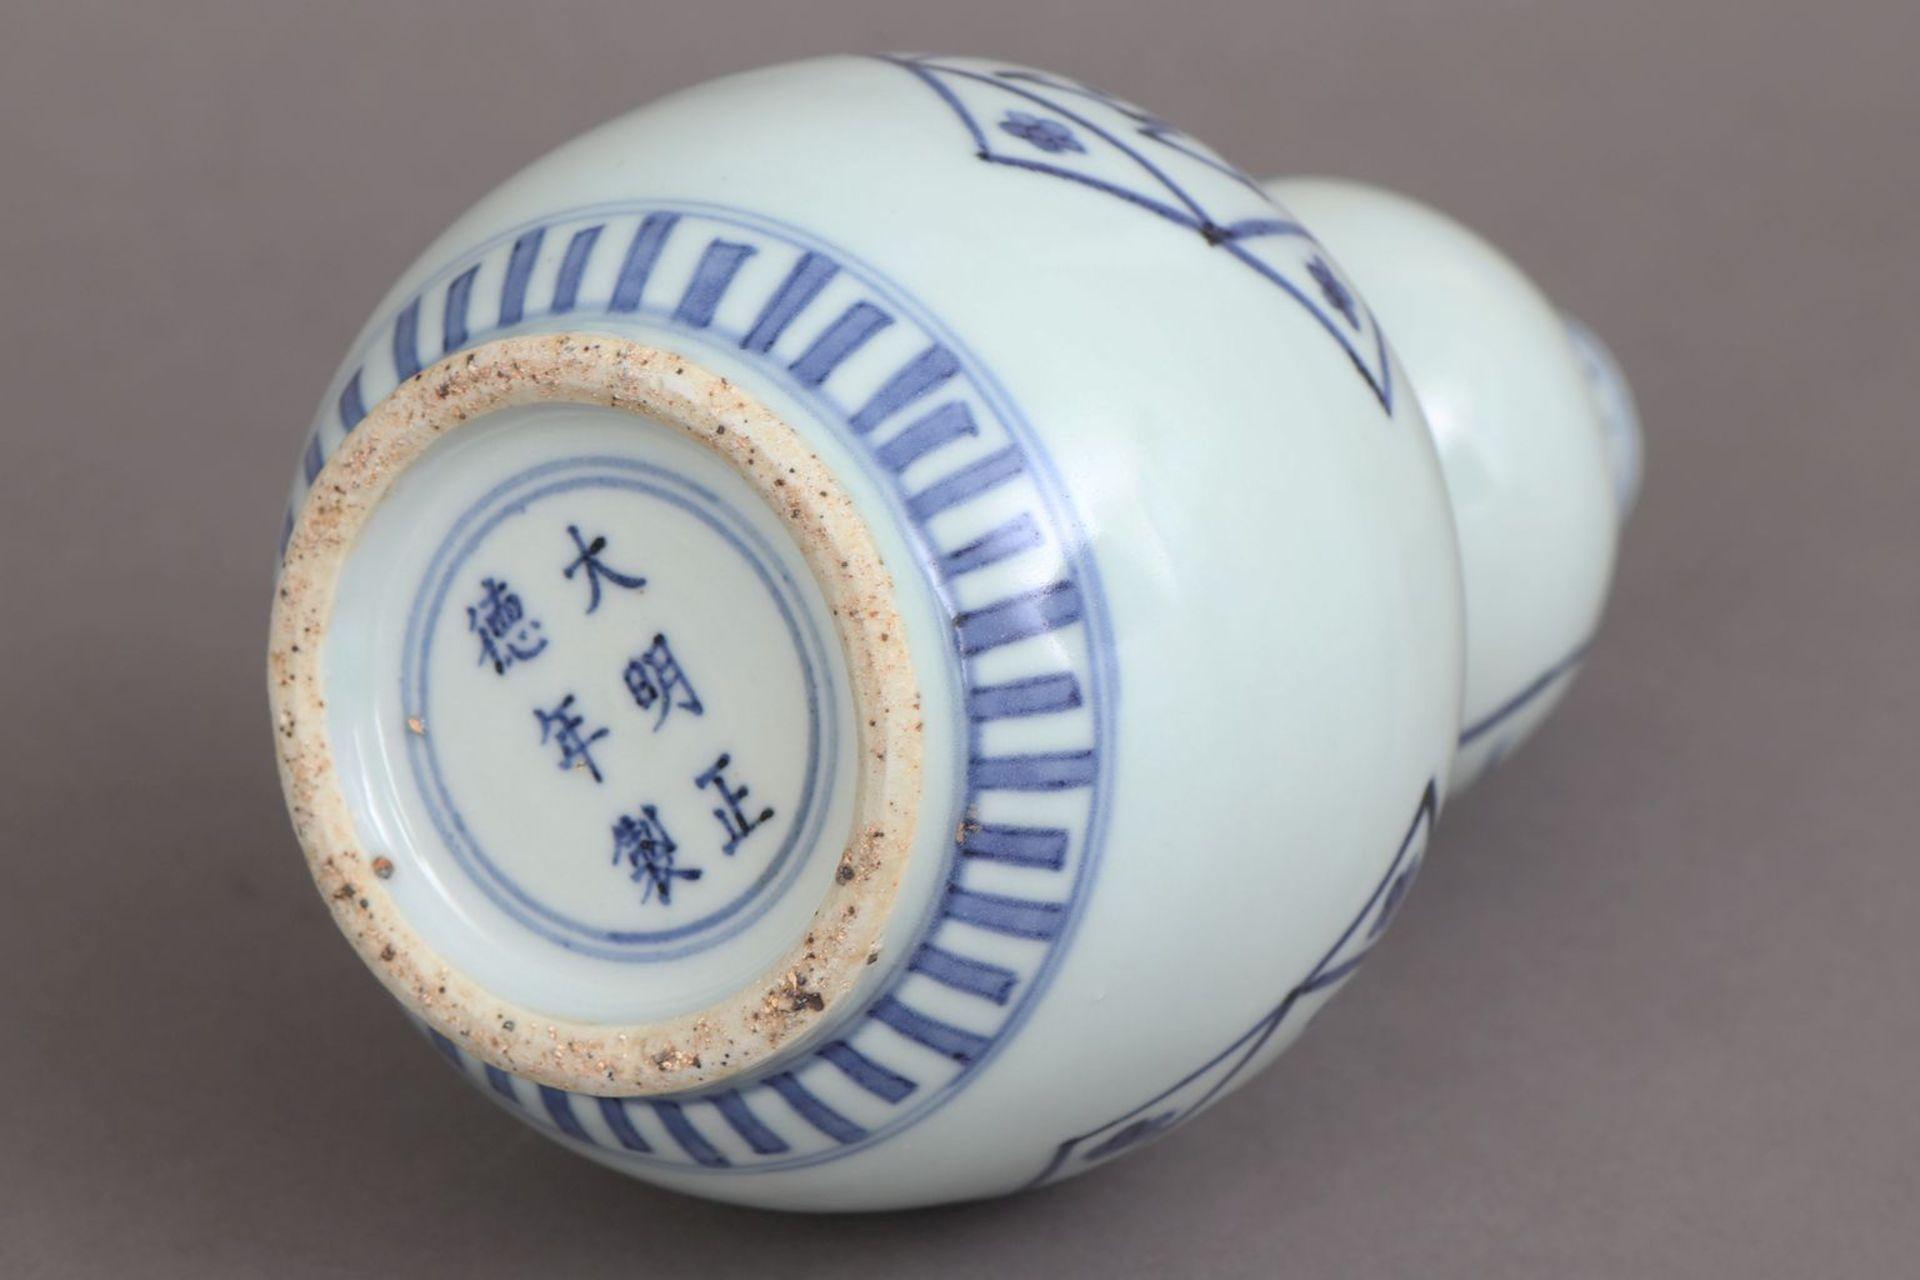 Chinesische Doppelkalebassenvase für den arabischen Markt - Bild 4 aus 4